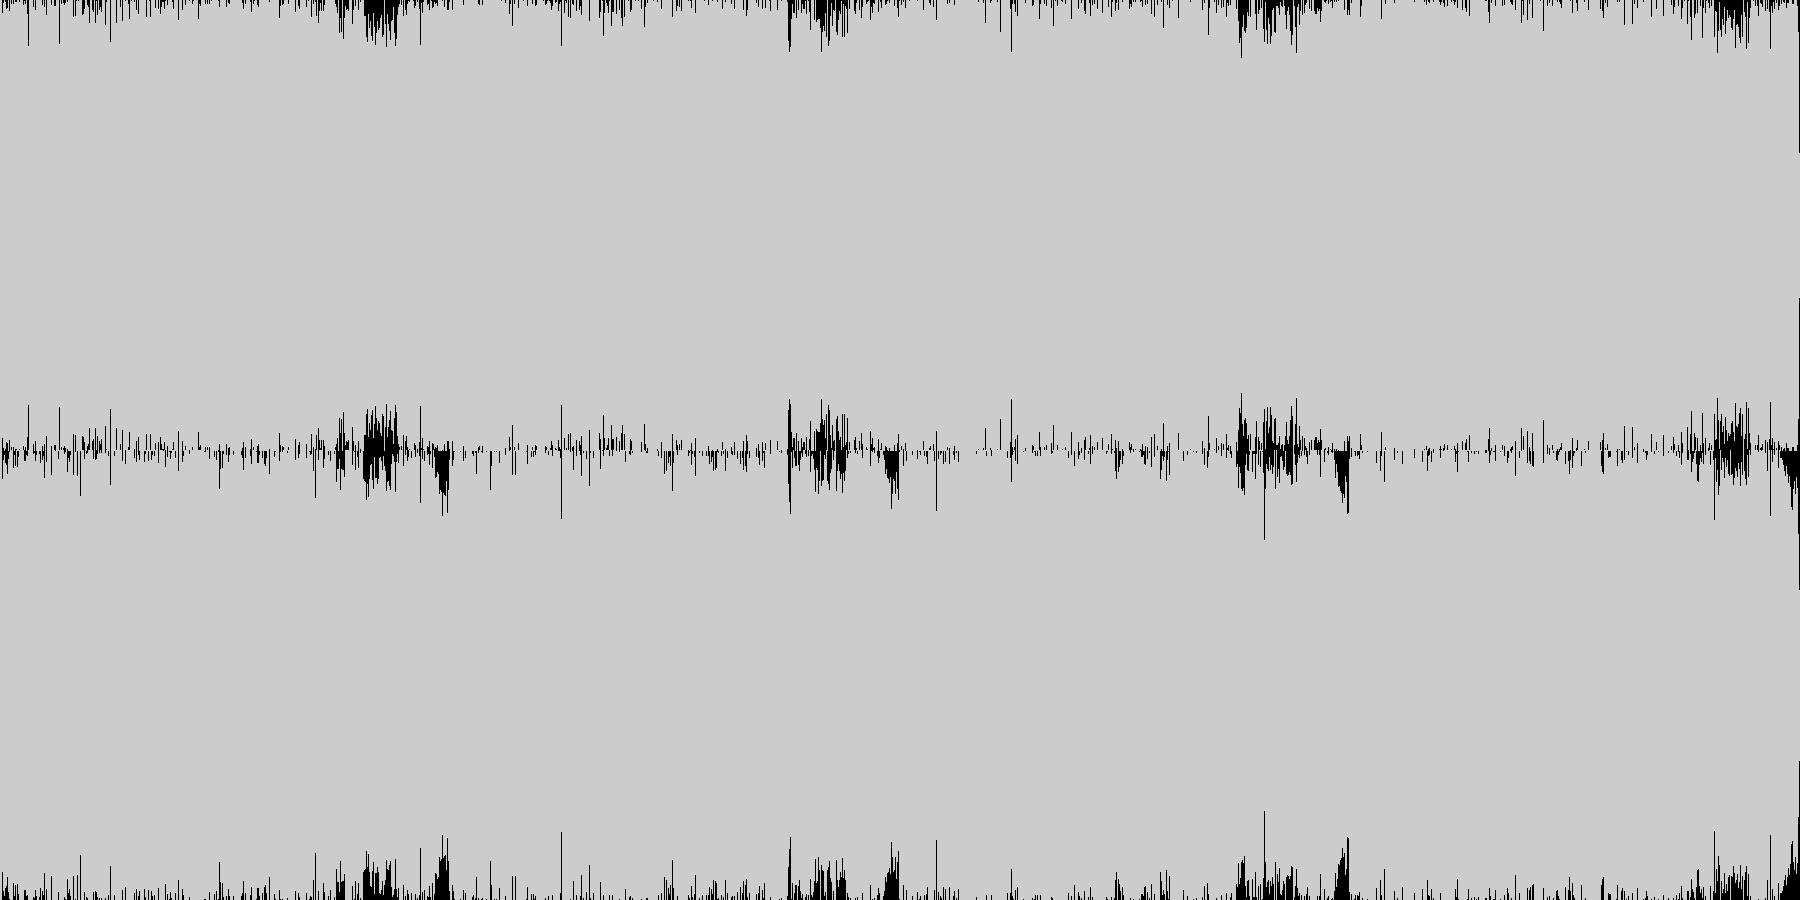 【ギュイーン】パチンコの演出などにの未再生の波形